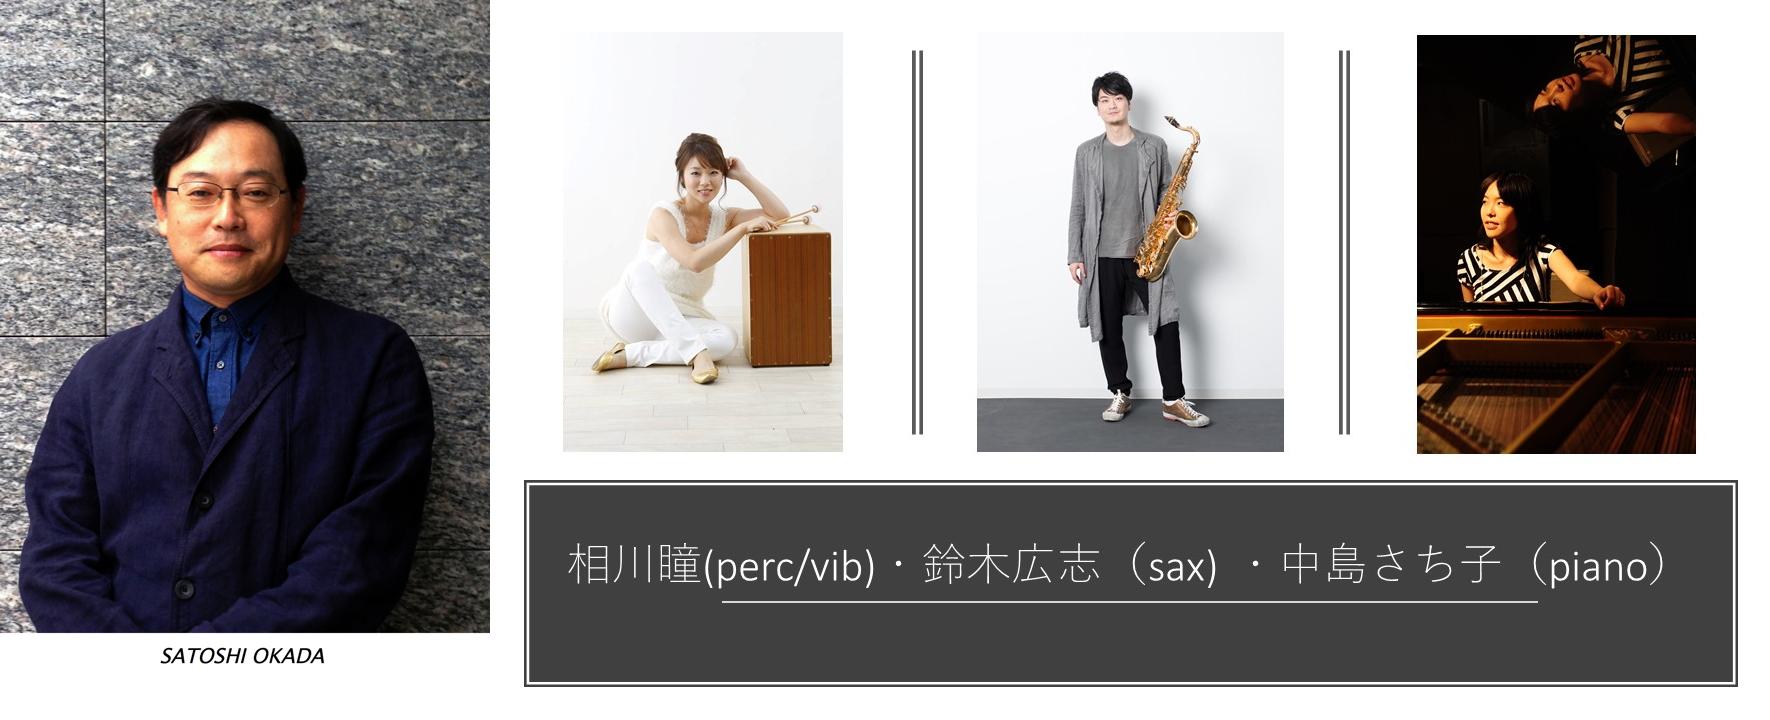 バロック建築×音楽×数学!? ~岡田哲史×中島・鈴木・相川